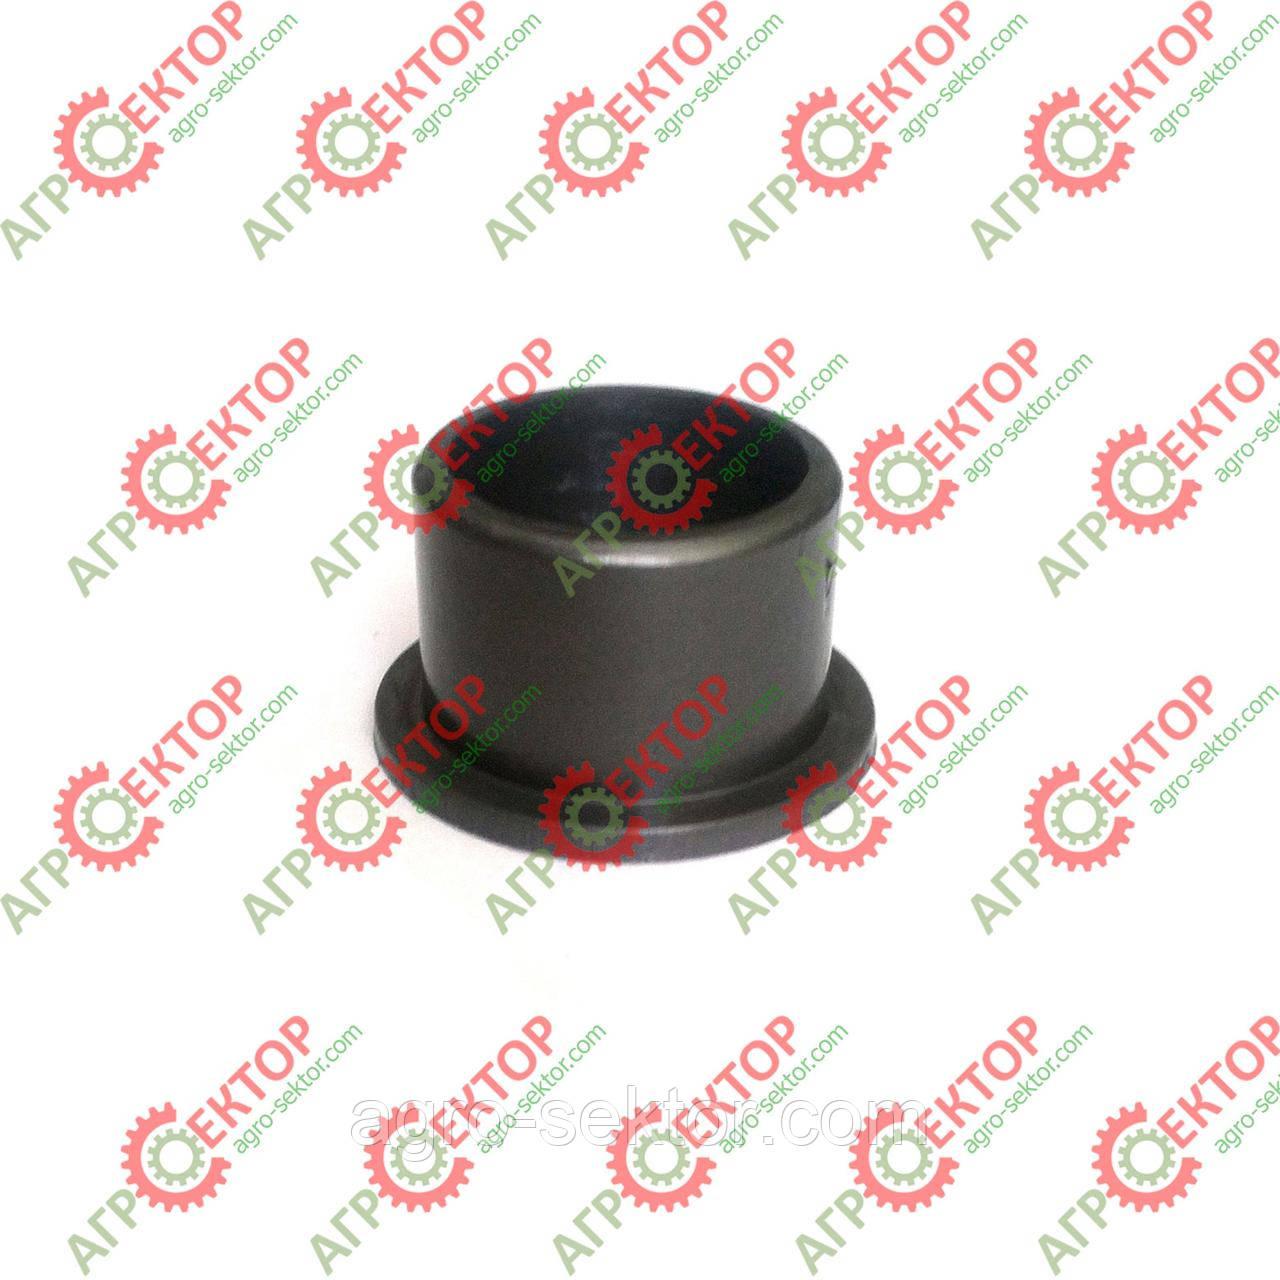 Втулка карданчика підбирача преспідбирача Claas Markant 18X22X16 008512.0